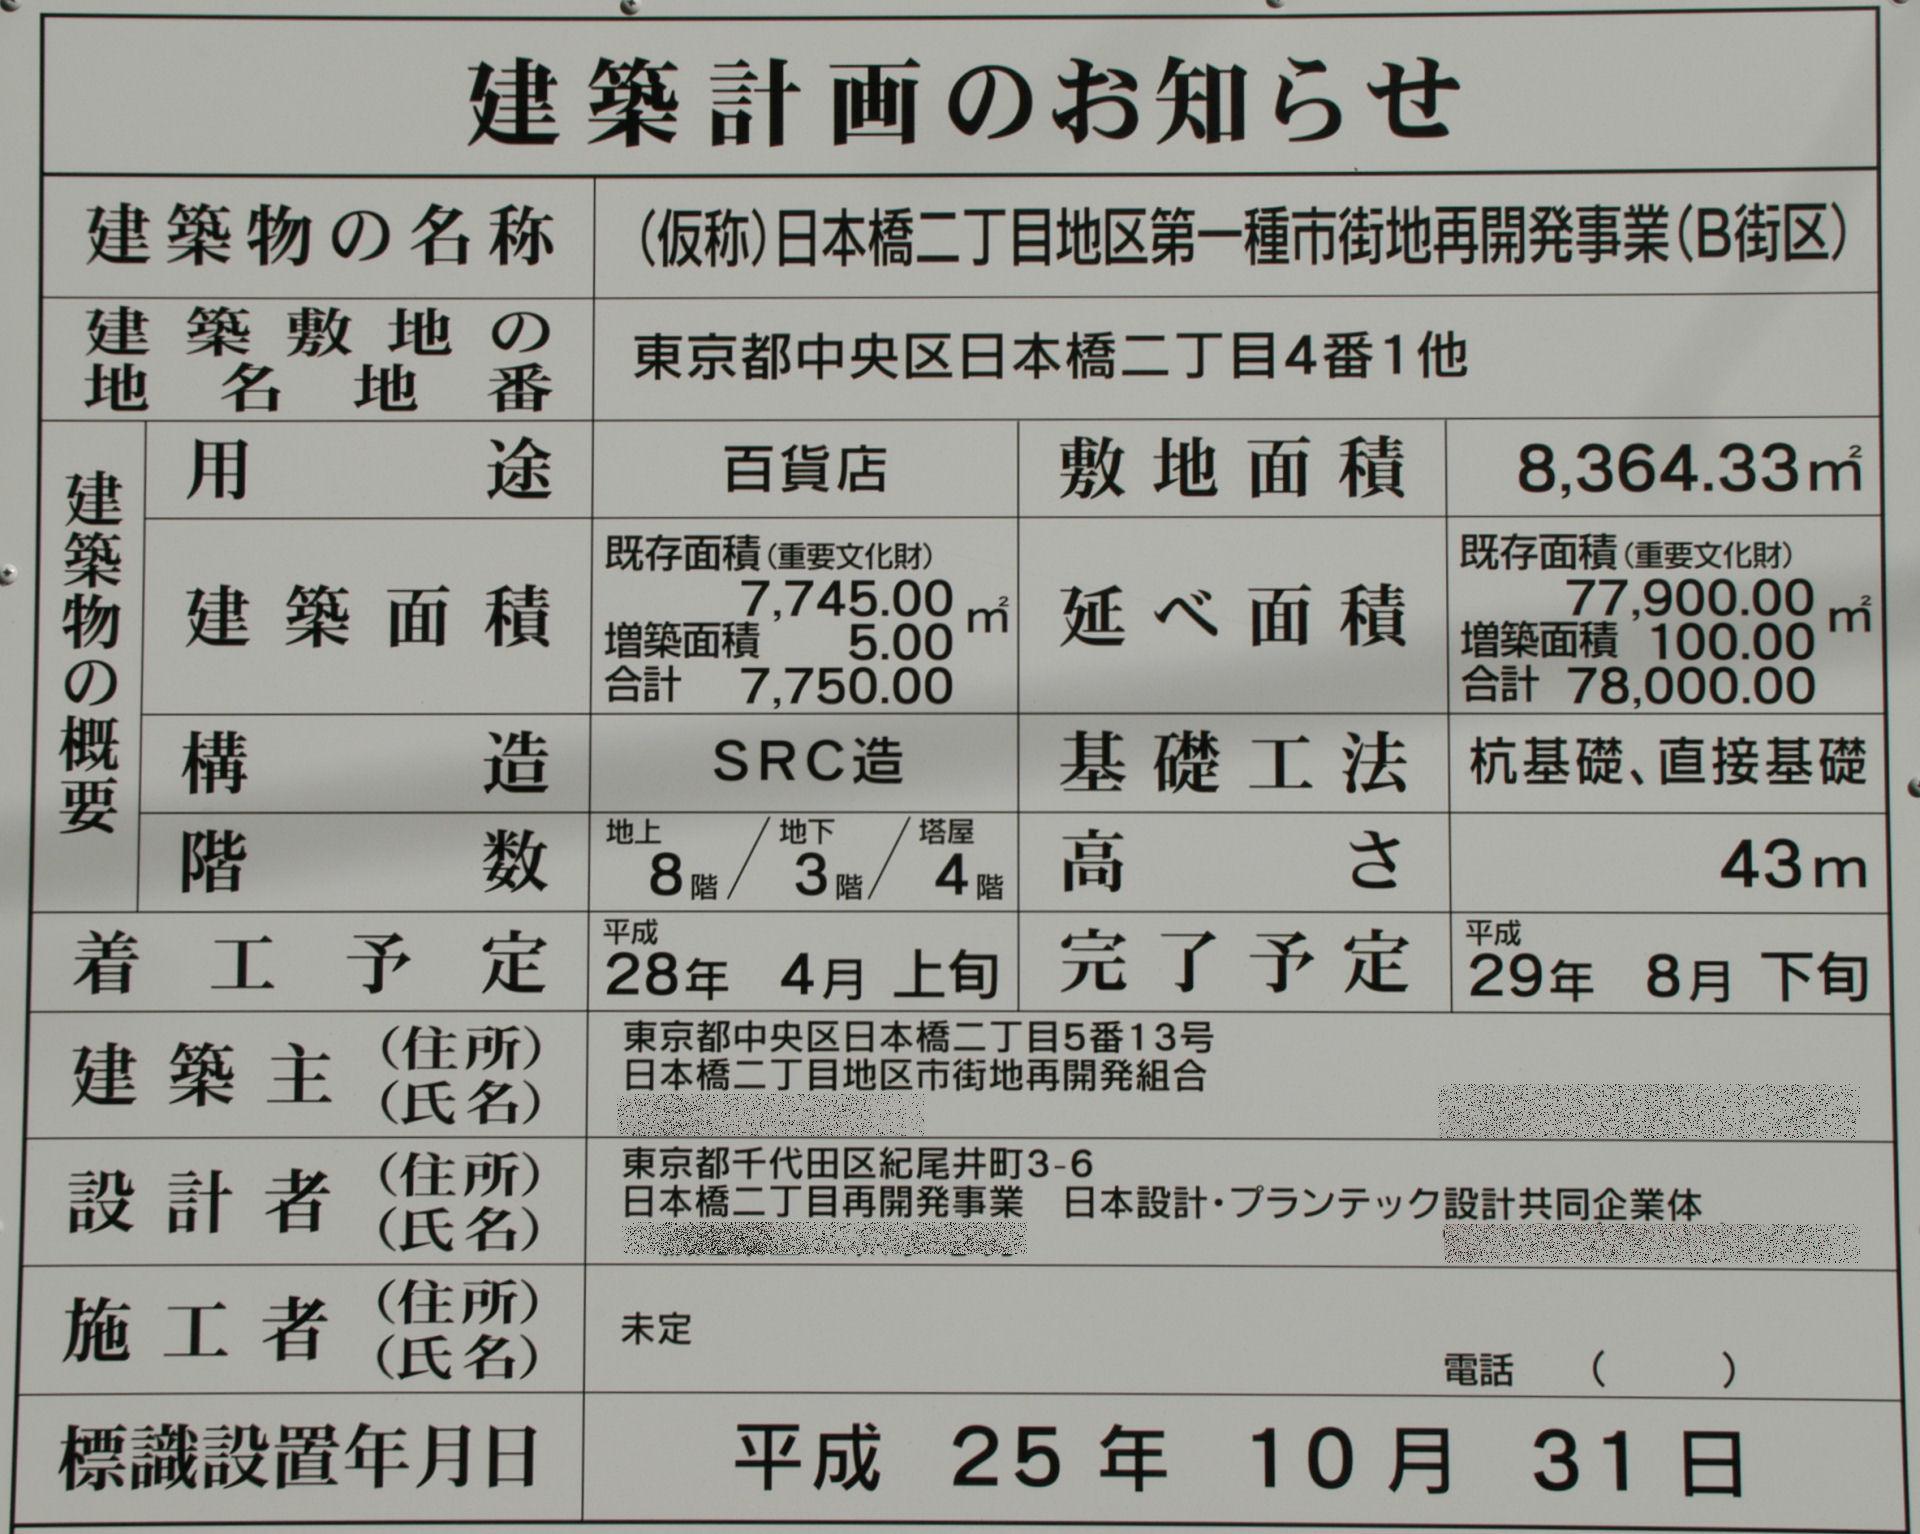 nihonbashi1311008.jpg